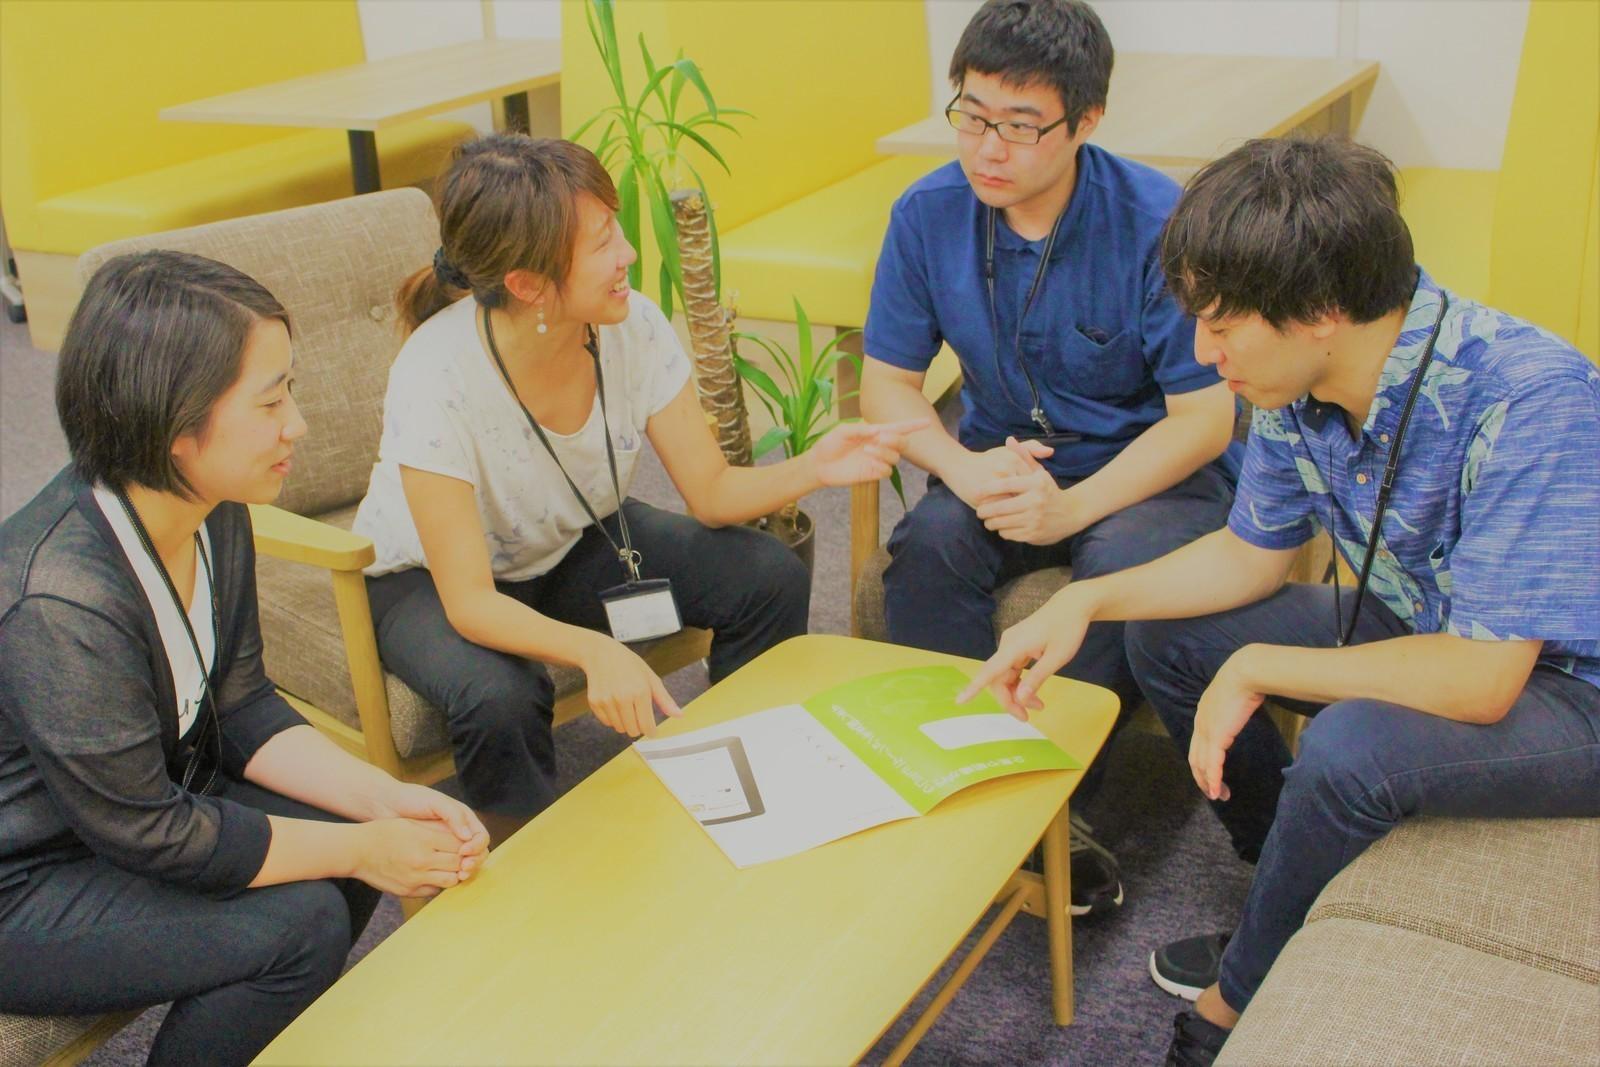 自社開発!Webアプリケーションの開発エンジニアを募集!